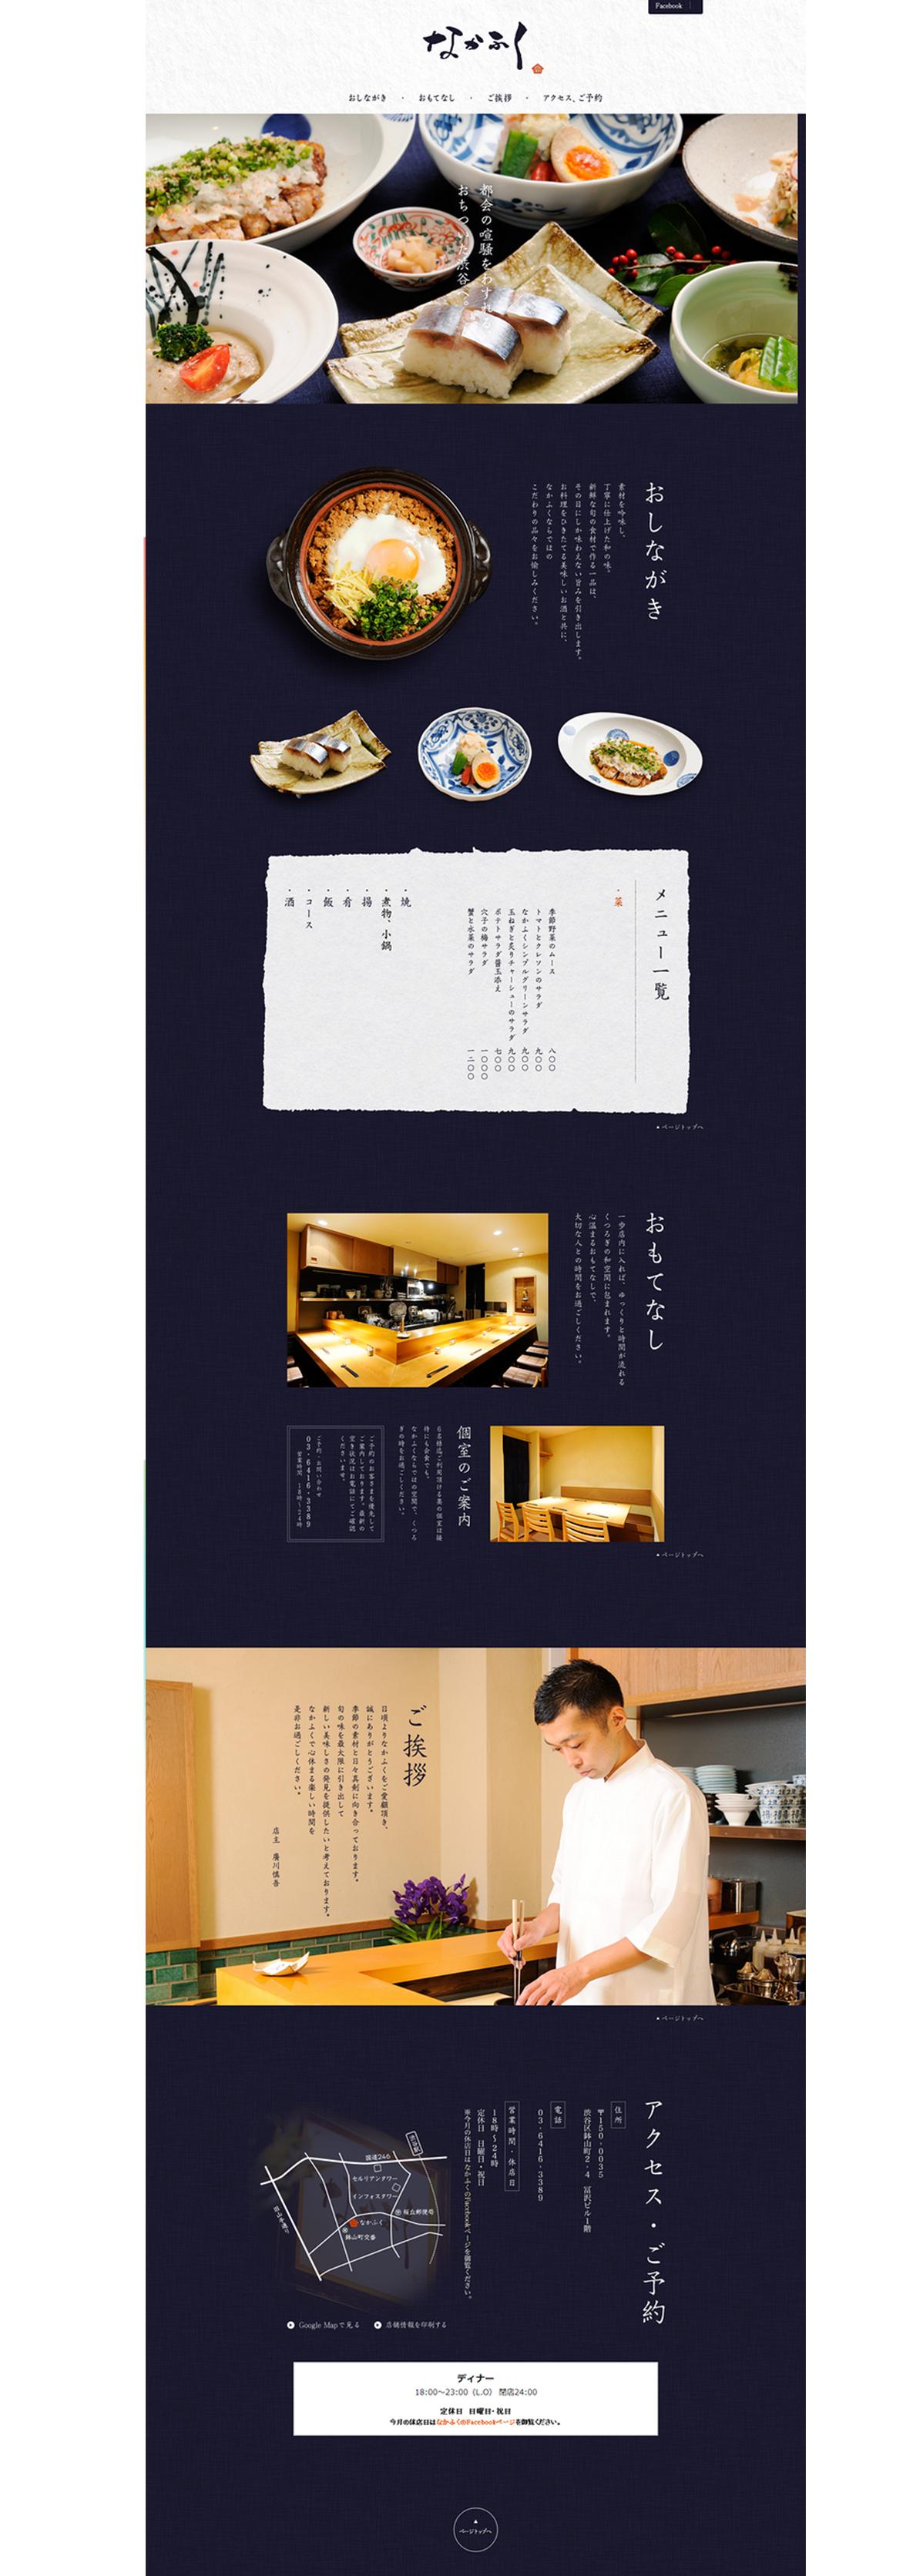 http://assets.kgc.cn/upload/image/20170630/1498788177475468.jpg